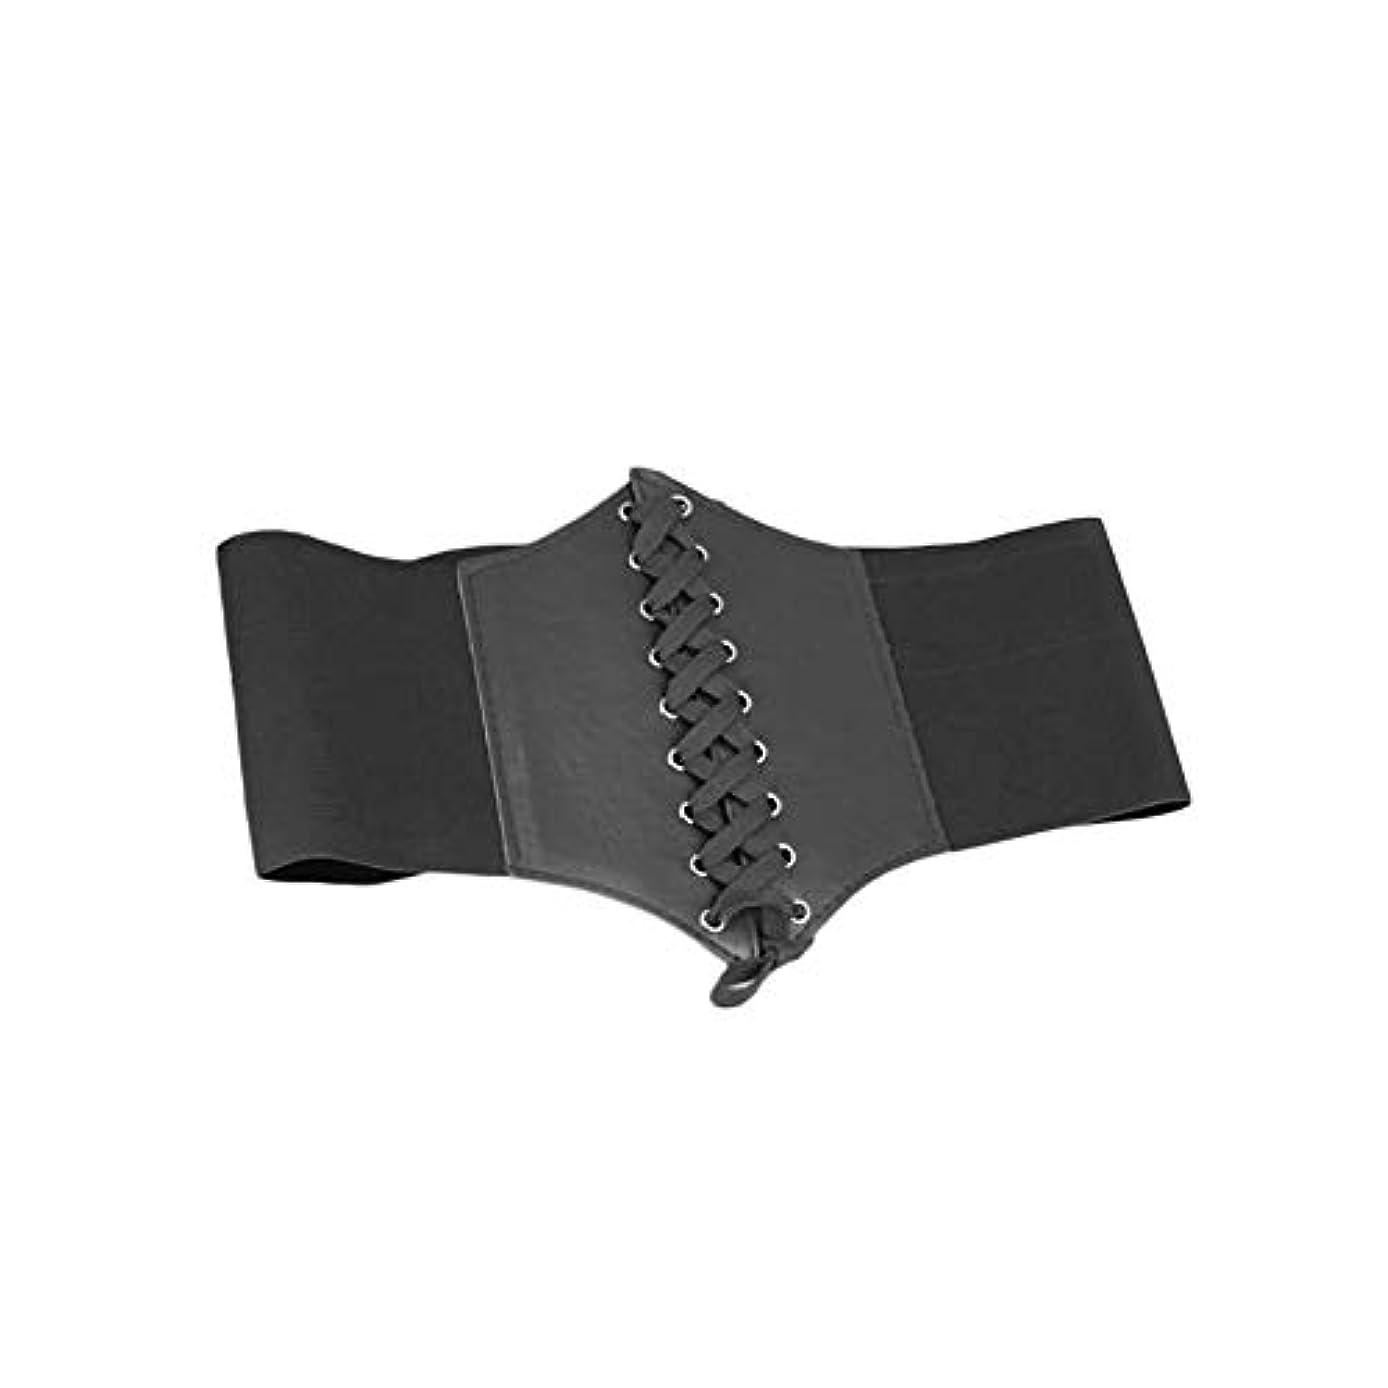 落ち着いて見捨てられたに応じて女性ヴィンテージソリッドベルトウエストニッパーレースアップコルセット包帯ハイストレッチ調節可能なネクタイワイドウエストバンド用女性 - 黒